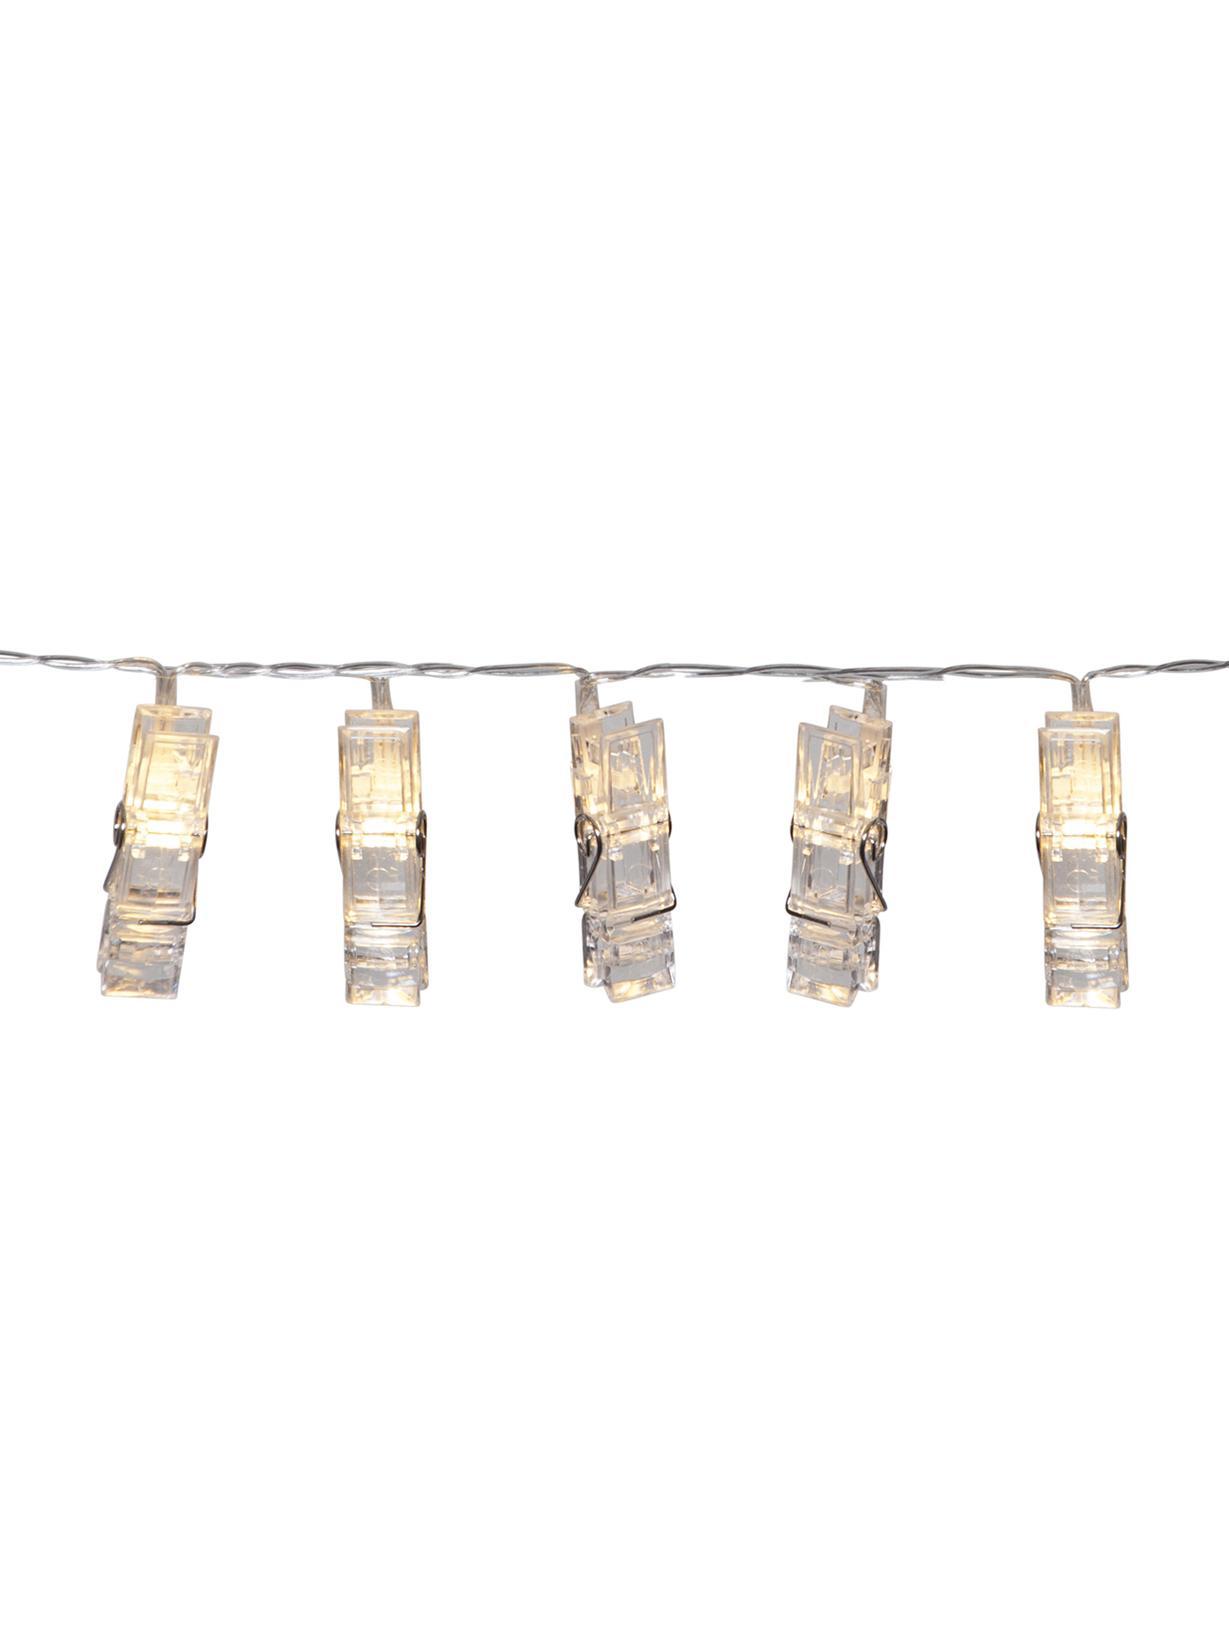 Guirnalda de luces LED Clippy, 135cm, Plástico, Transparente, L 135 cm